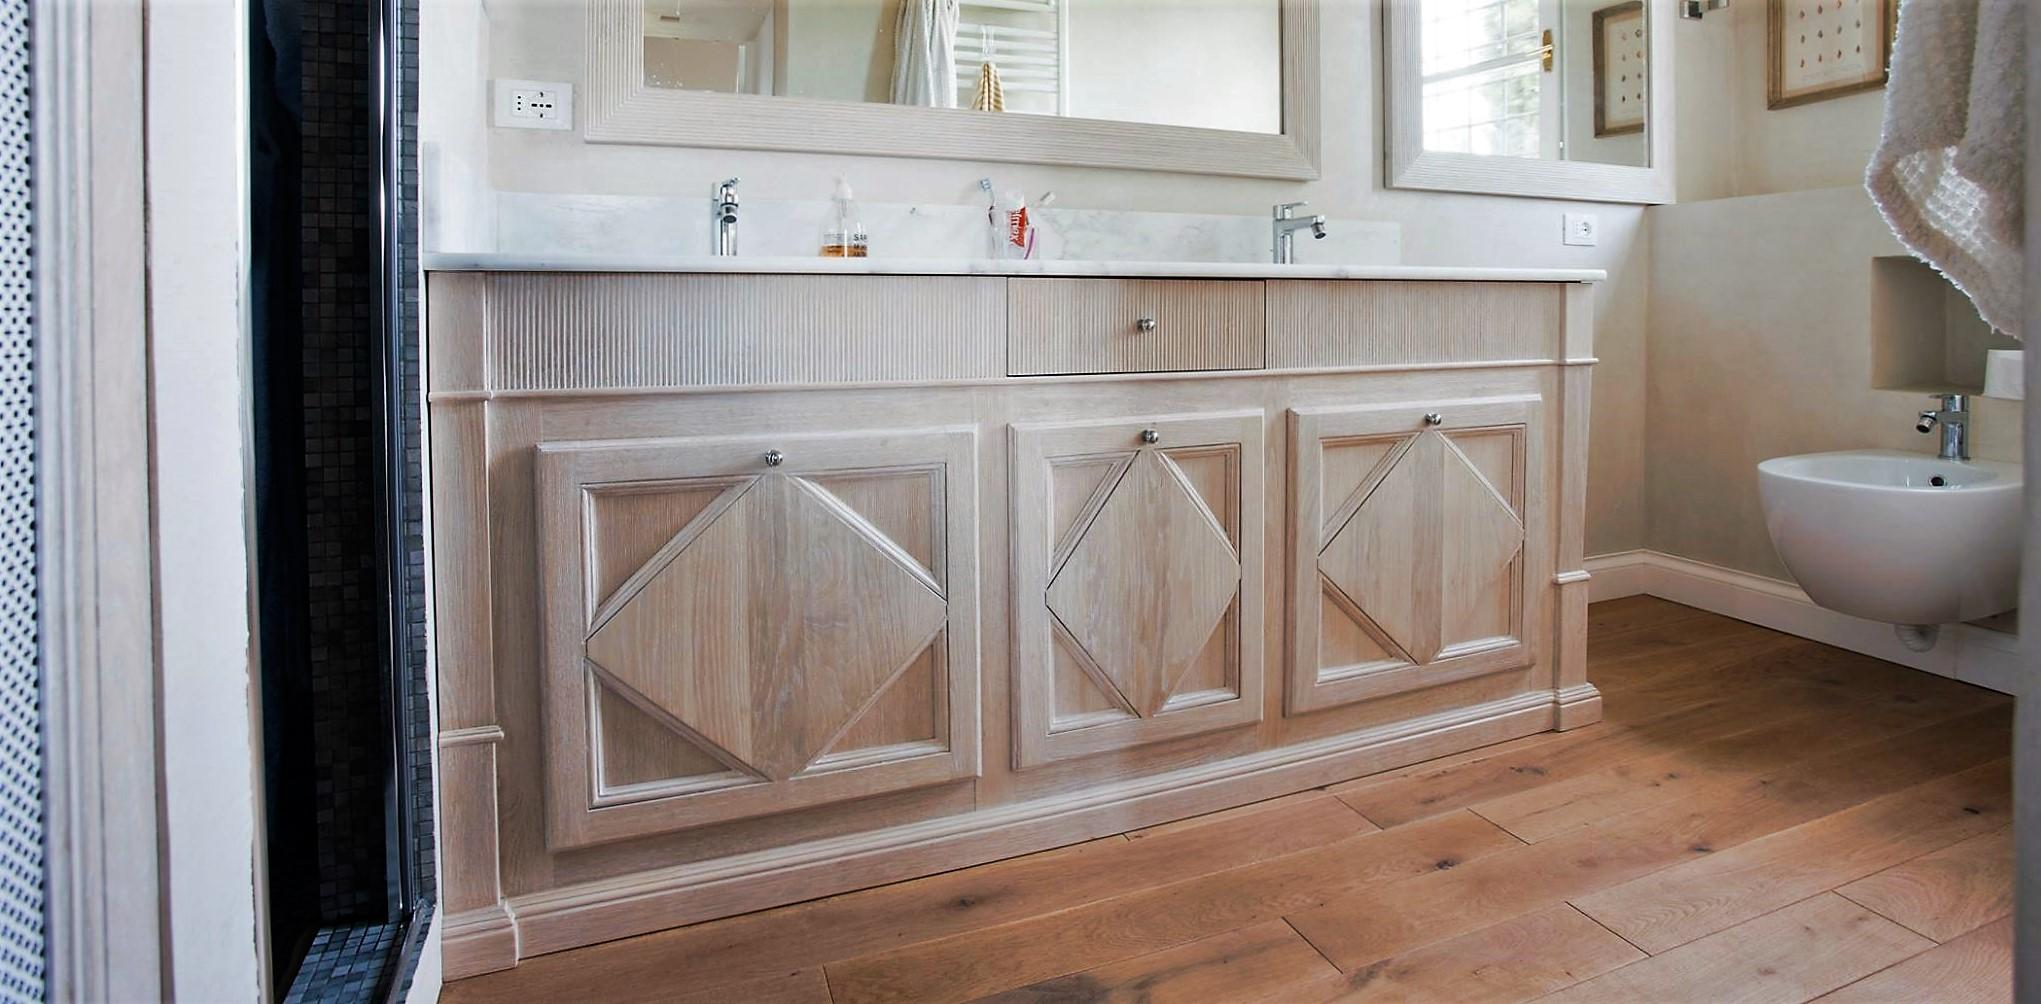 Laverderosa s r l mobili bagno in legno su misura a roma - Arredo bagno legno naturale ...